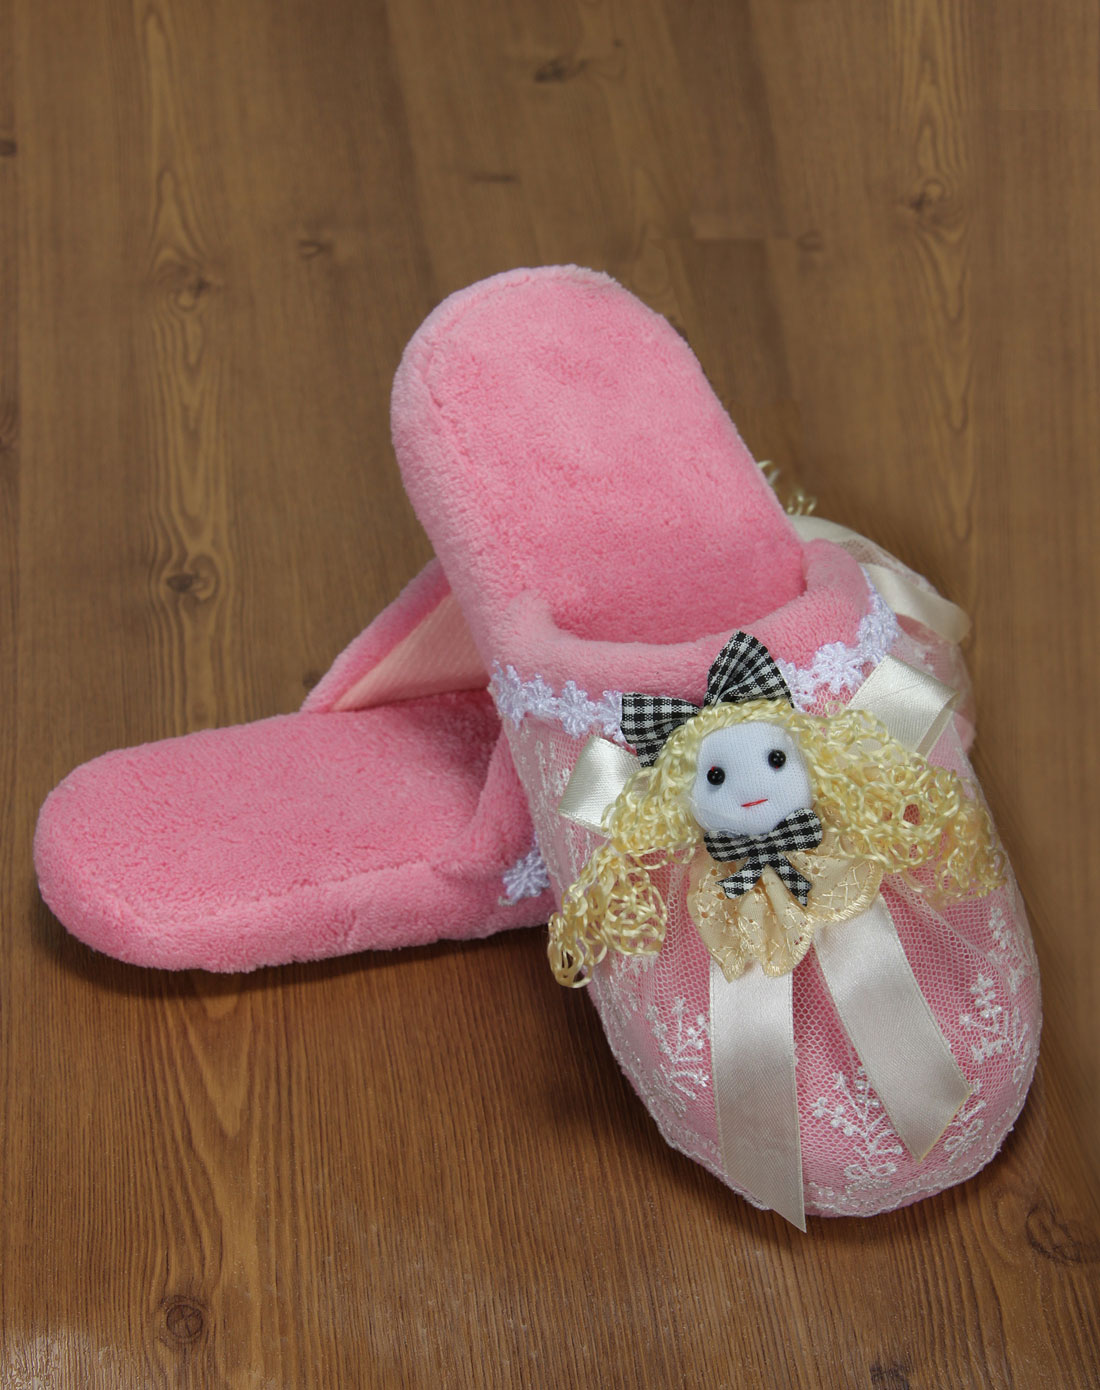 可爱女孩家居棉拖鞋